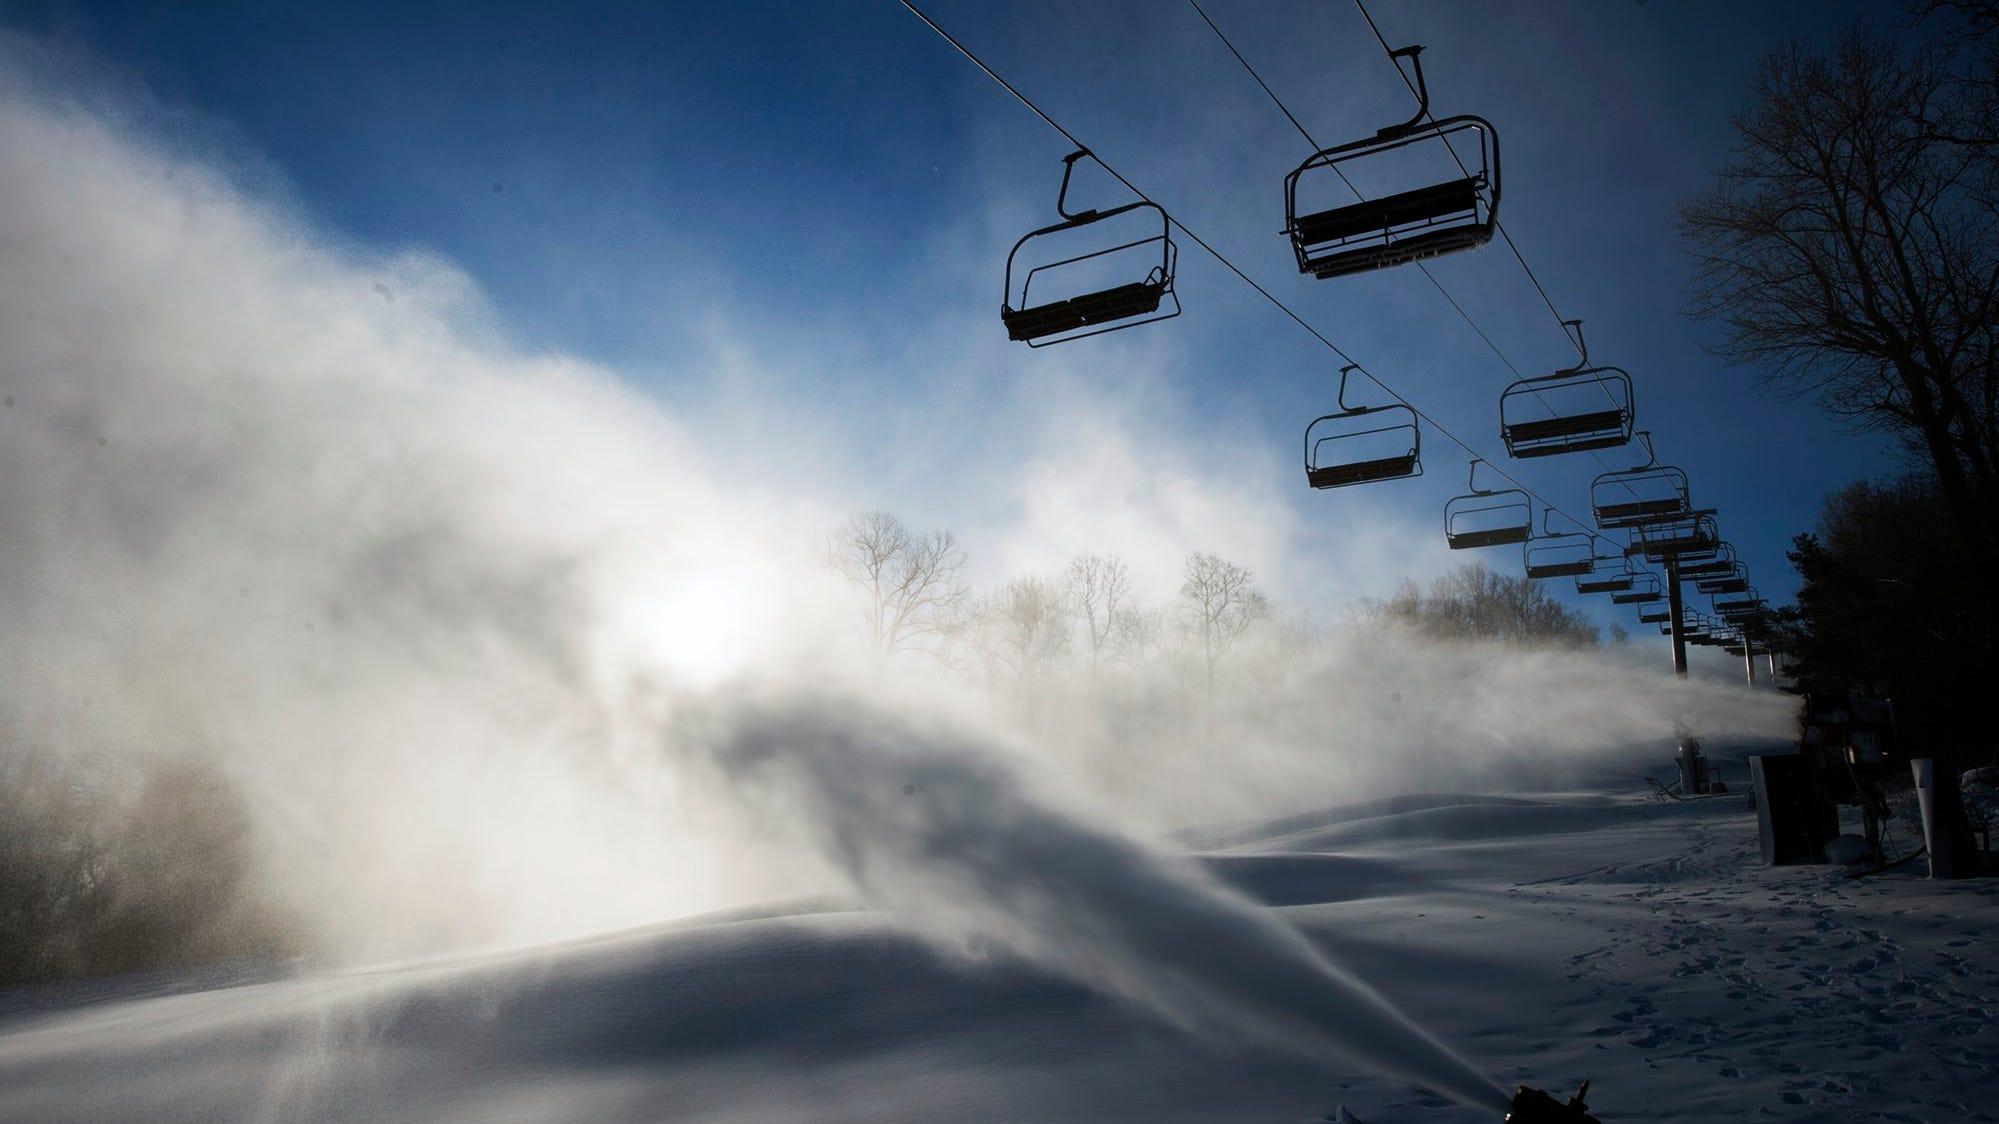 ski resorts: where to hit the slopes in central pennsylvania in 2018